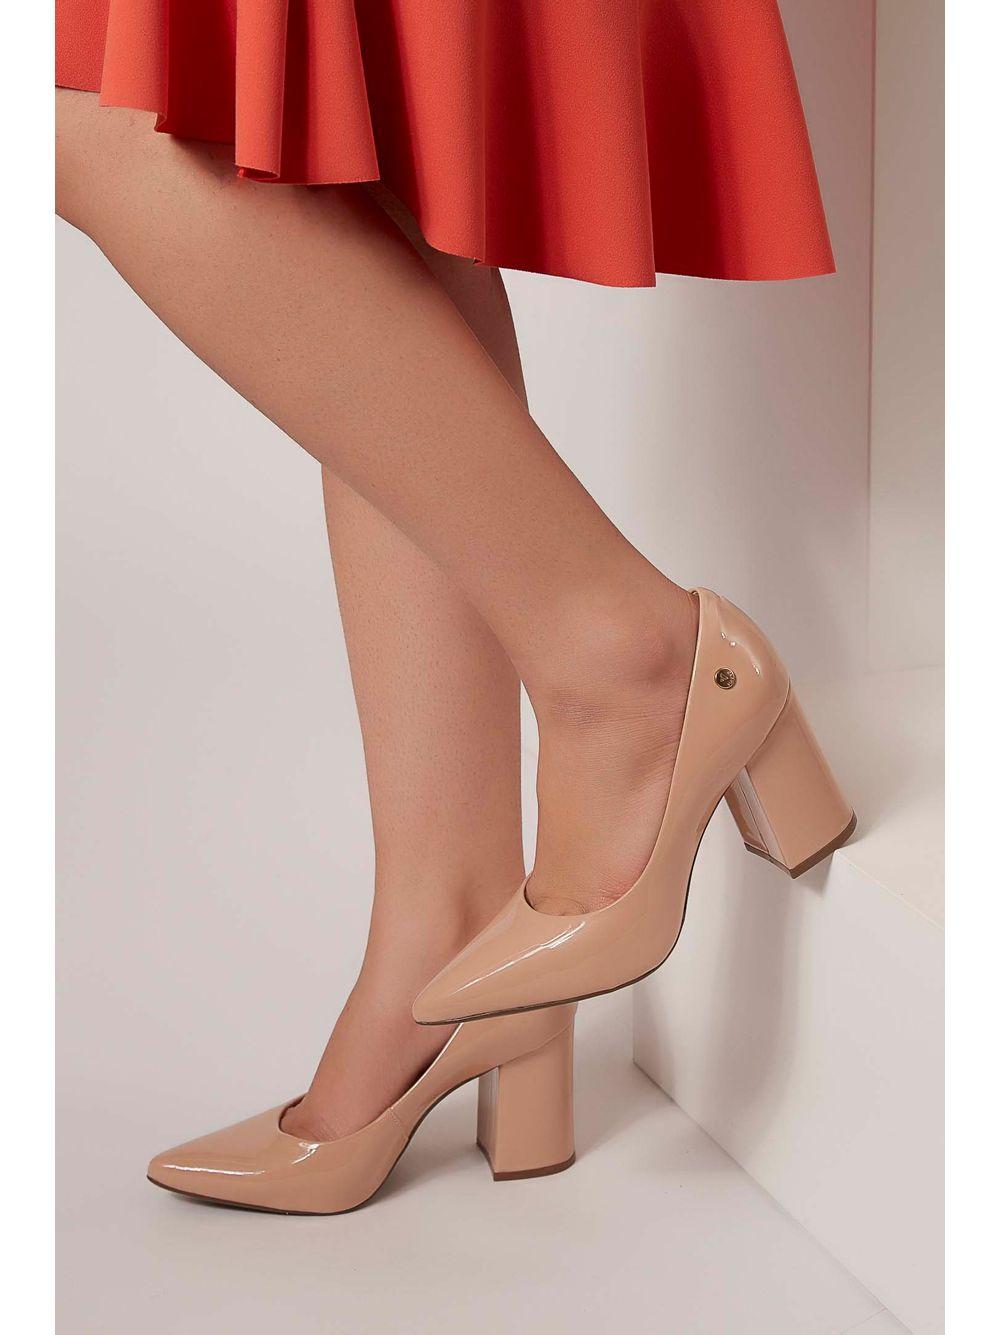 d392a4139 Sapato Scarpin Via Uno Verniz Nude - pittol